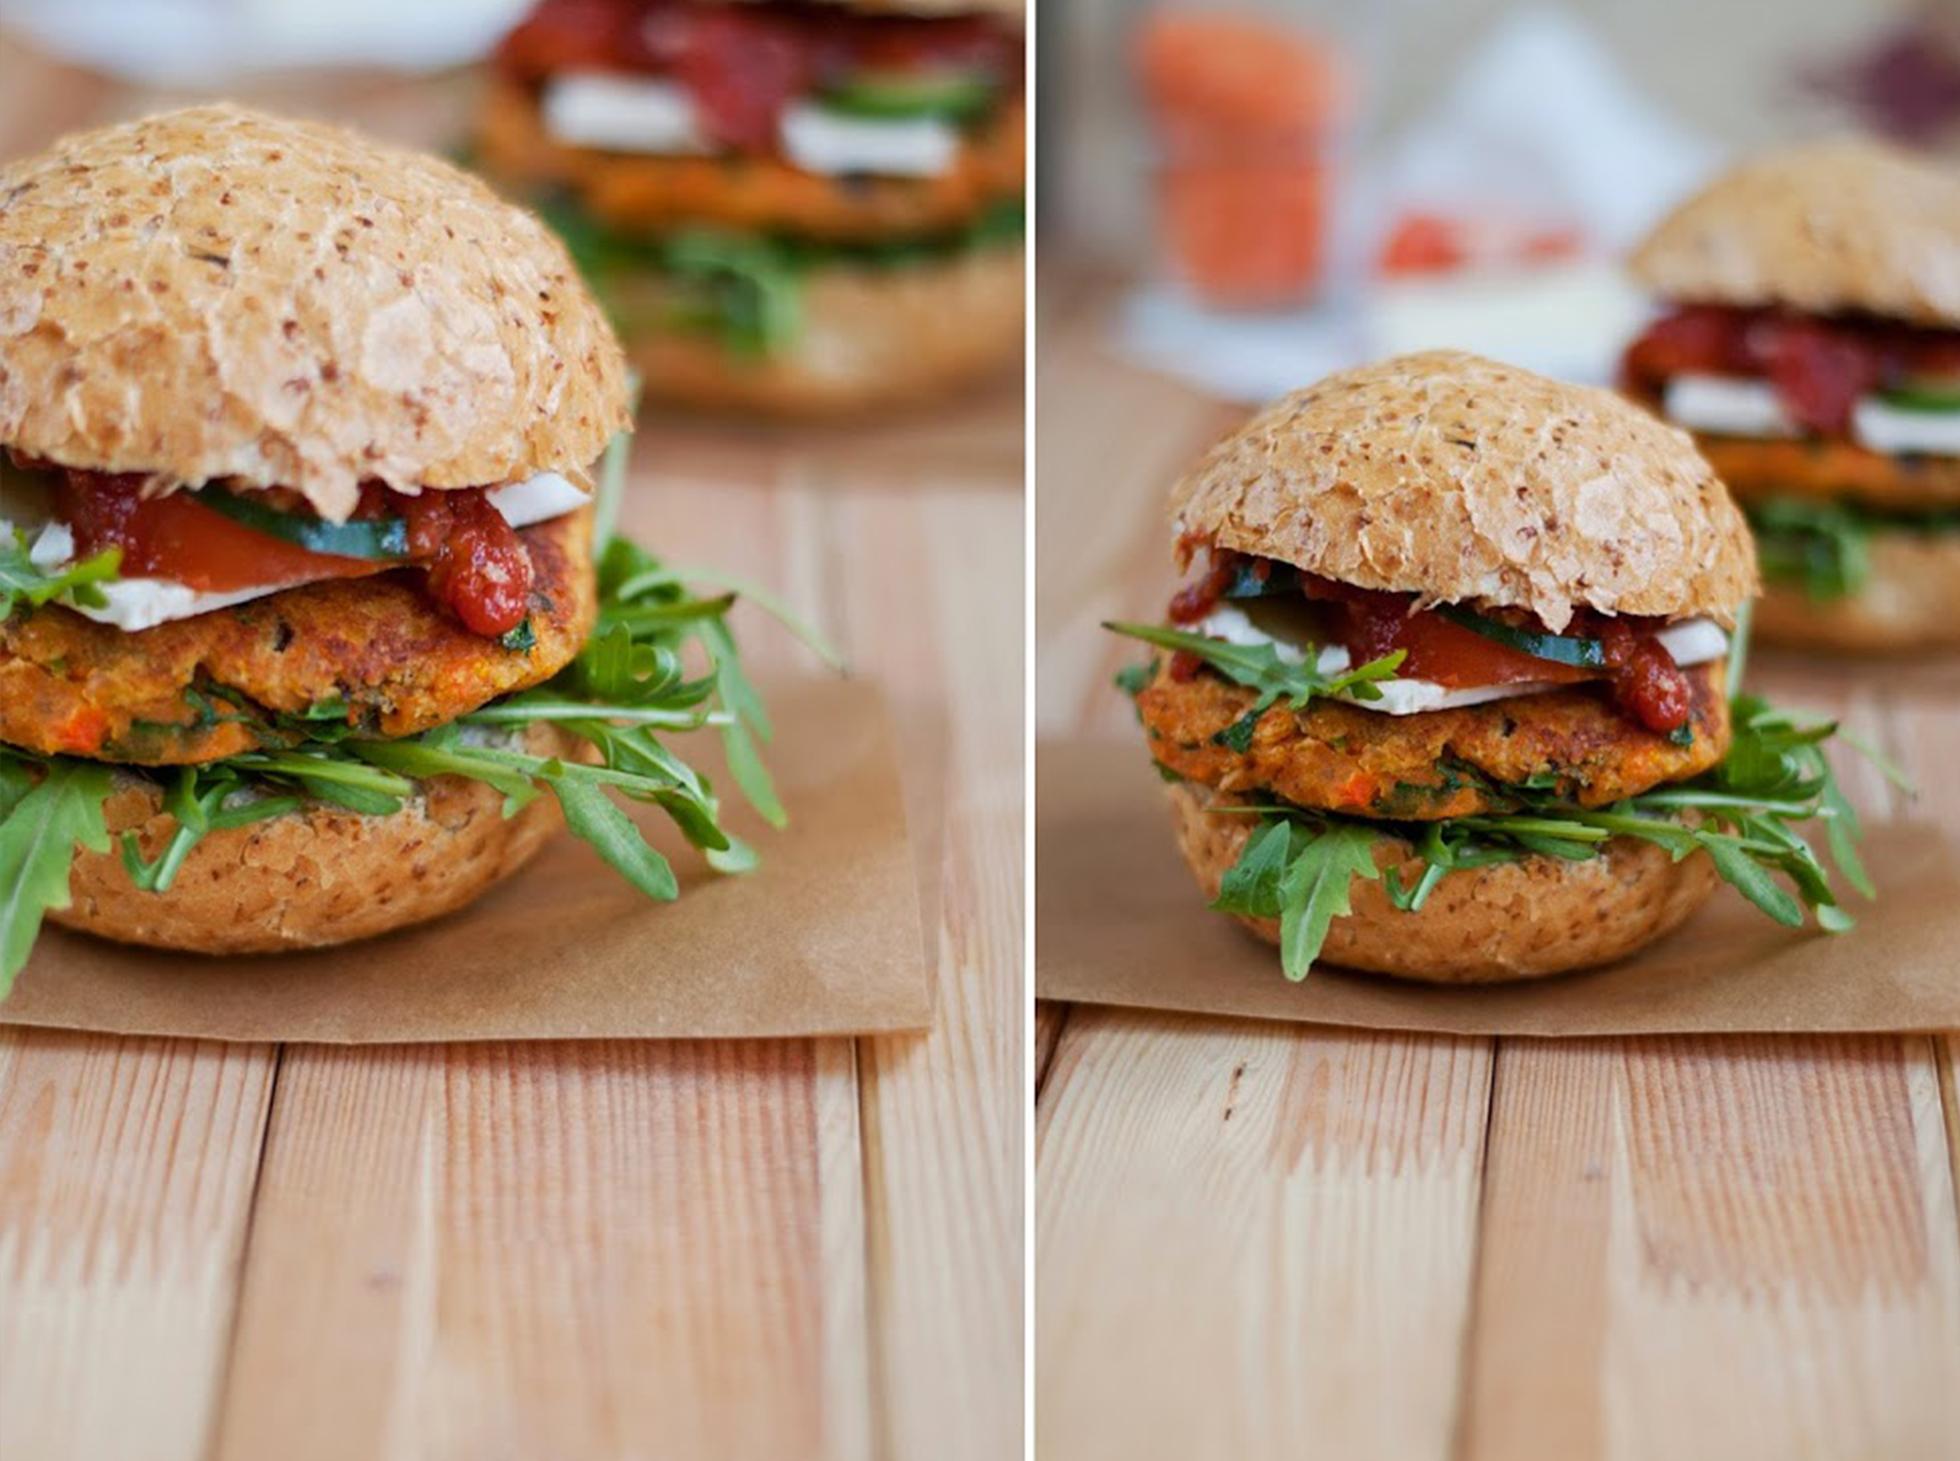 Wege burgery z marchewki i soczewicy